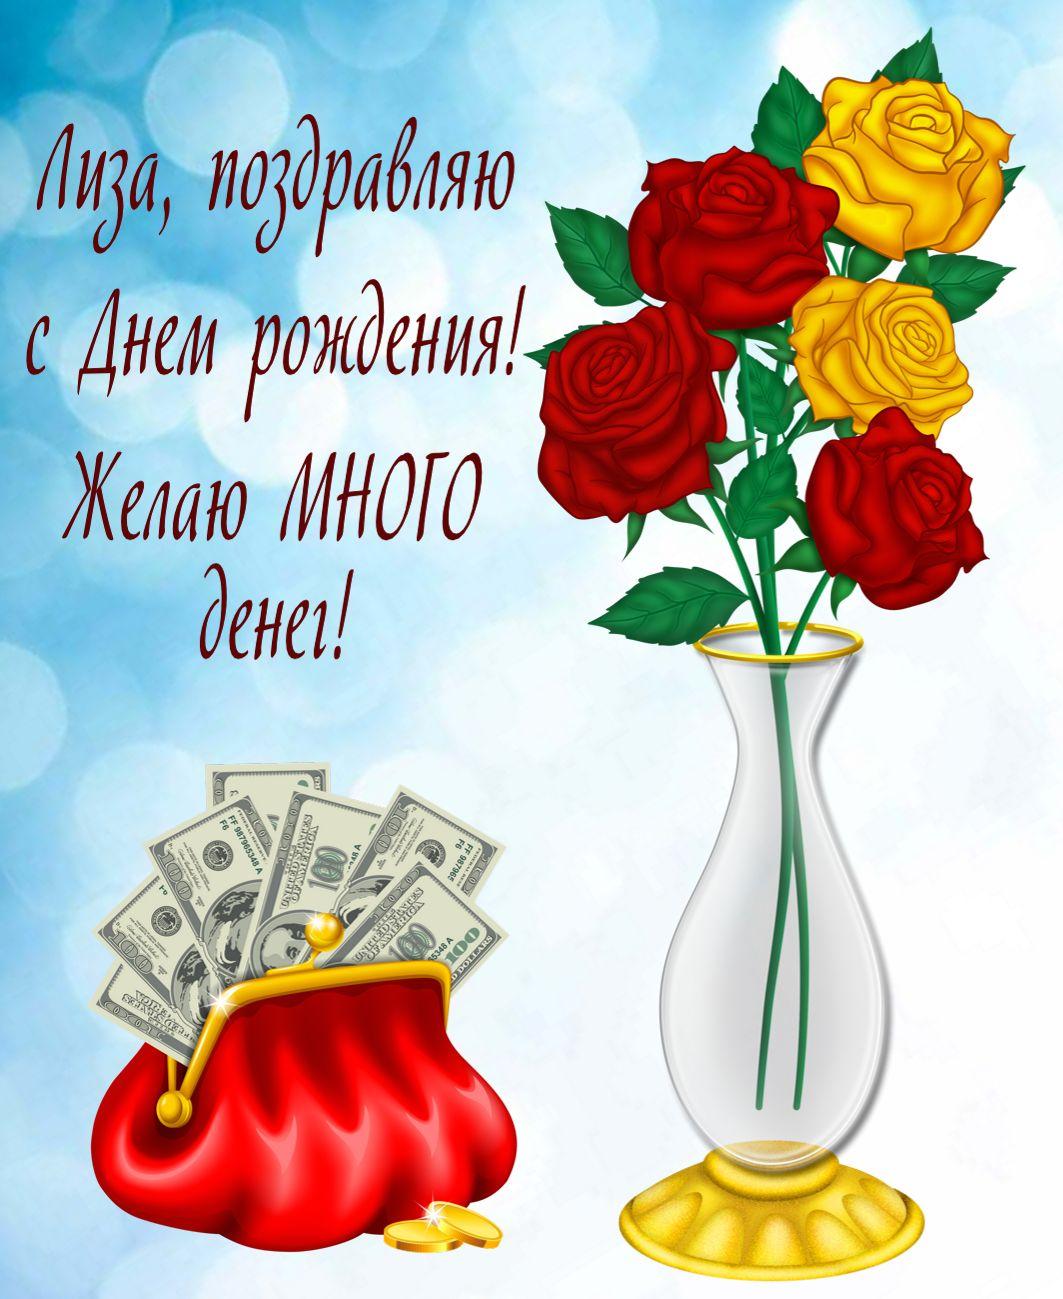 Открытка на День рождения Лизе - розы в вазе и кошелек с деньгами